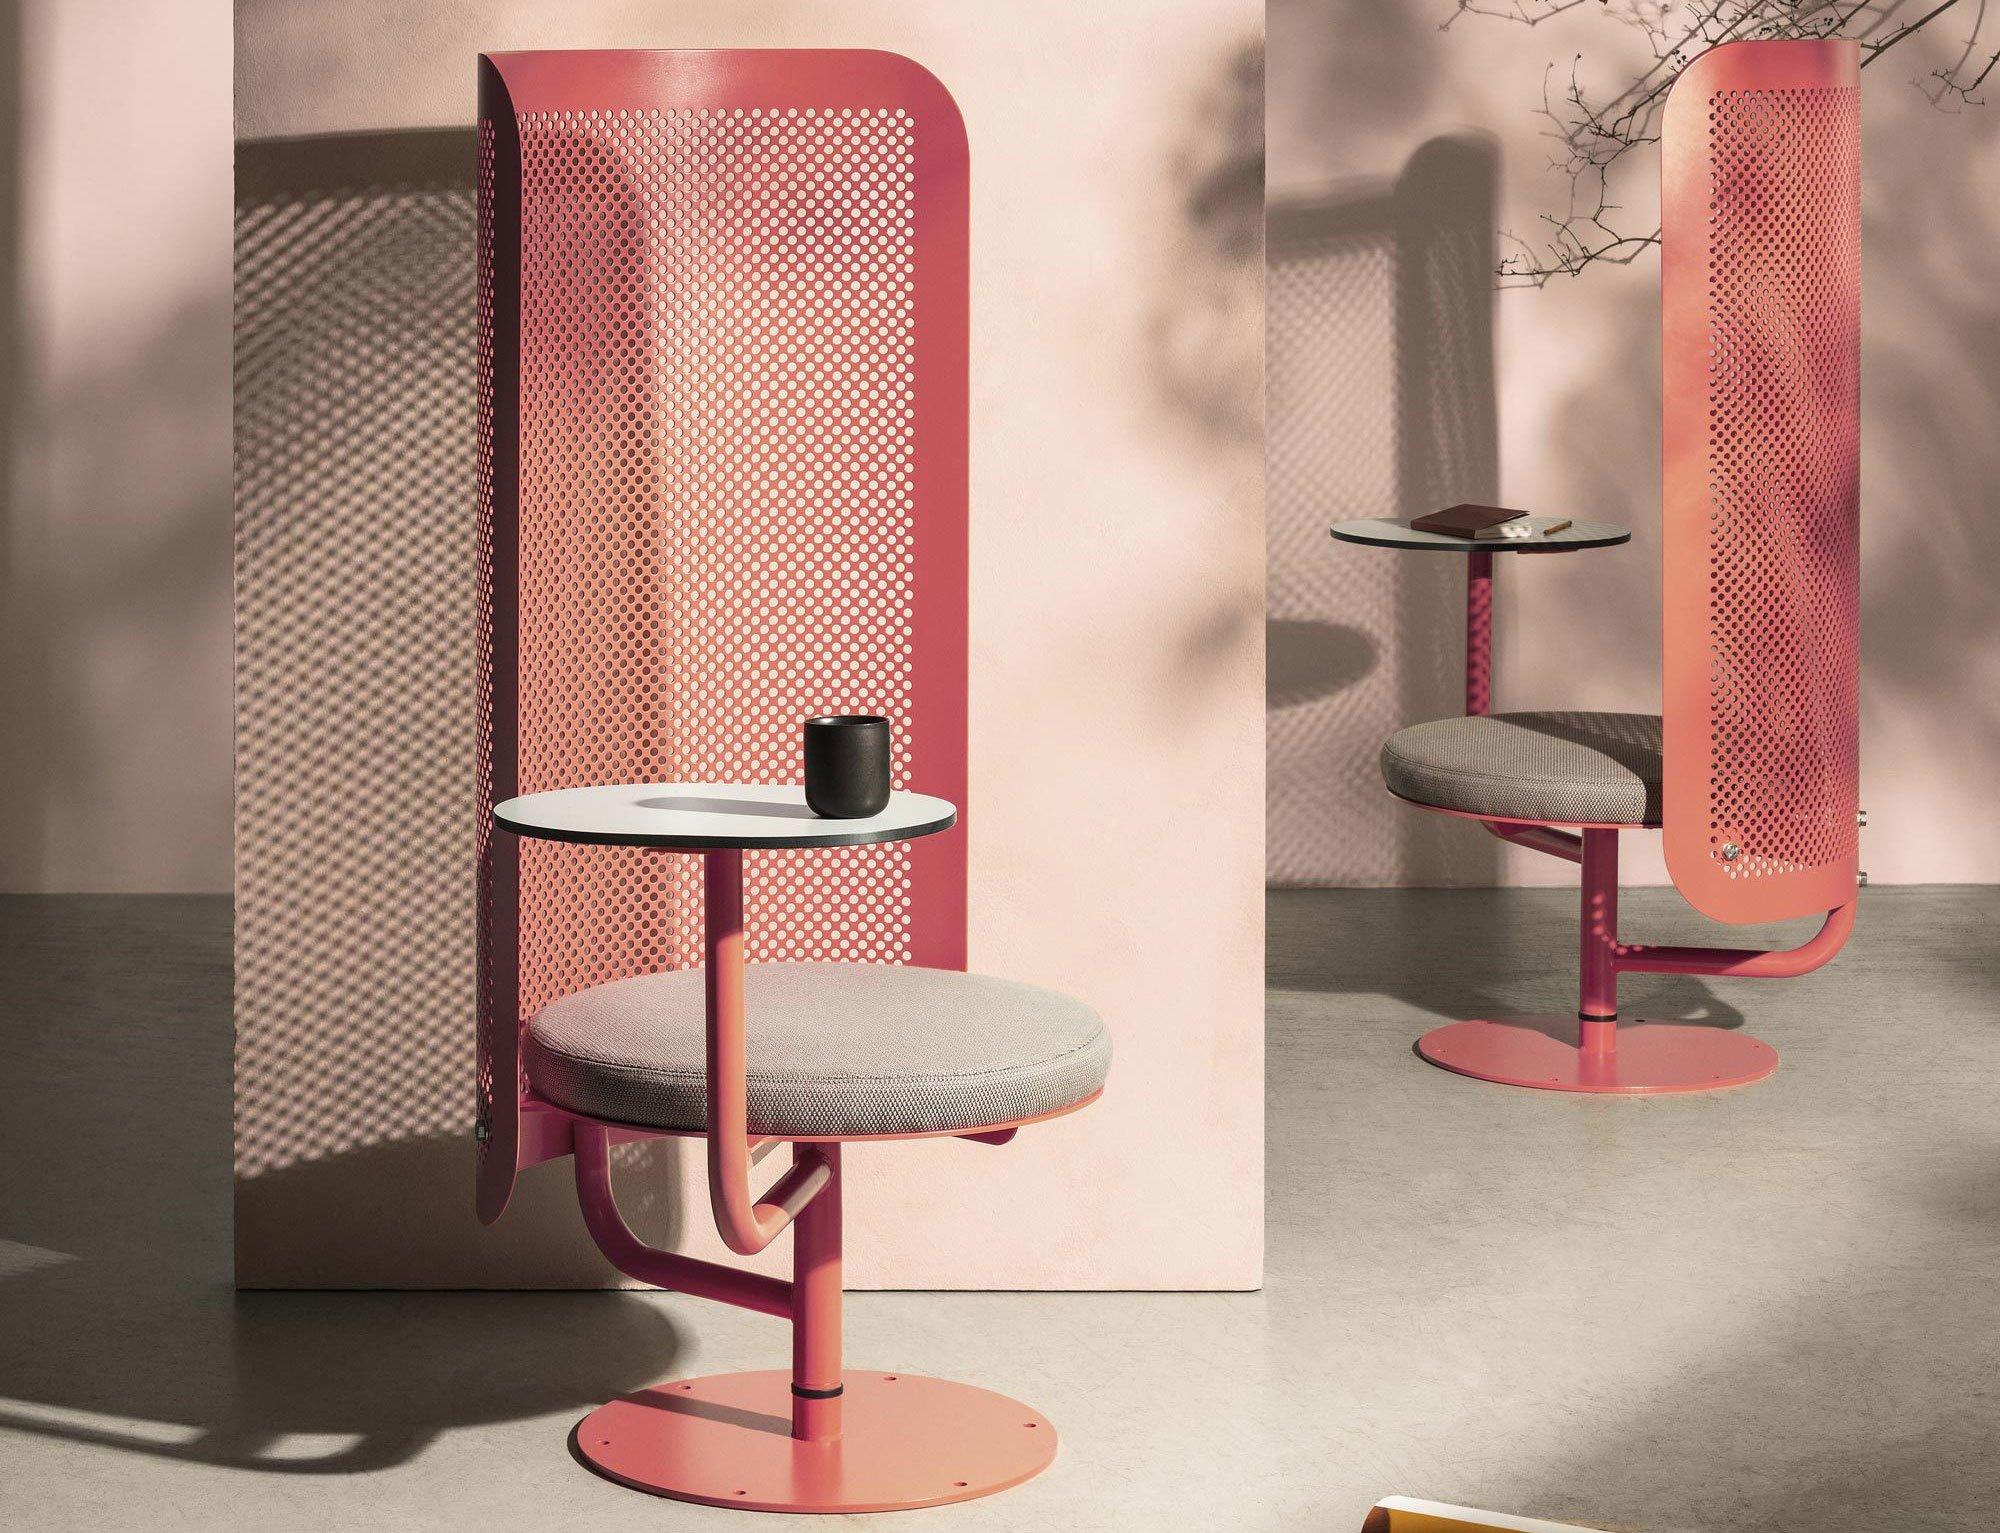 Outdoor-Sitzmöbel Work Lounge von Superlab und Charlotte Petersson Troije für Nola